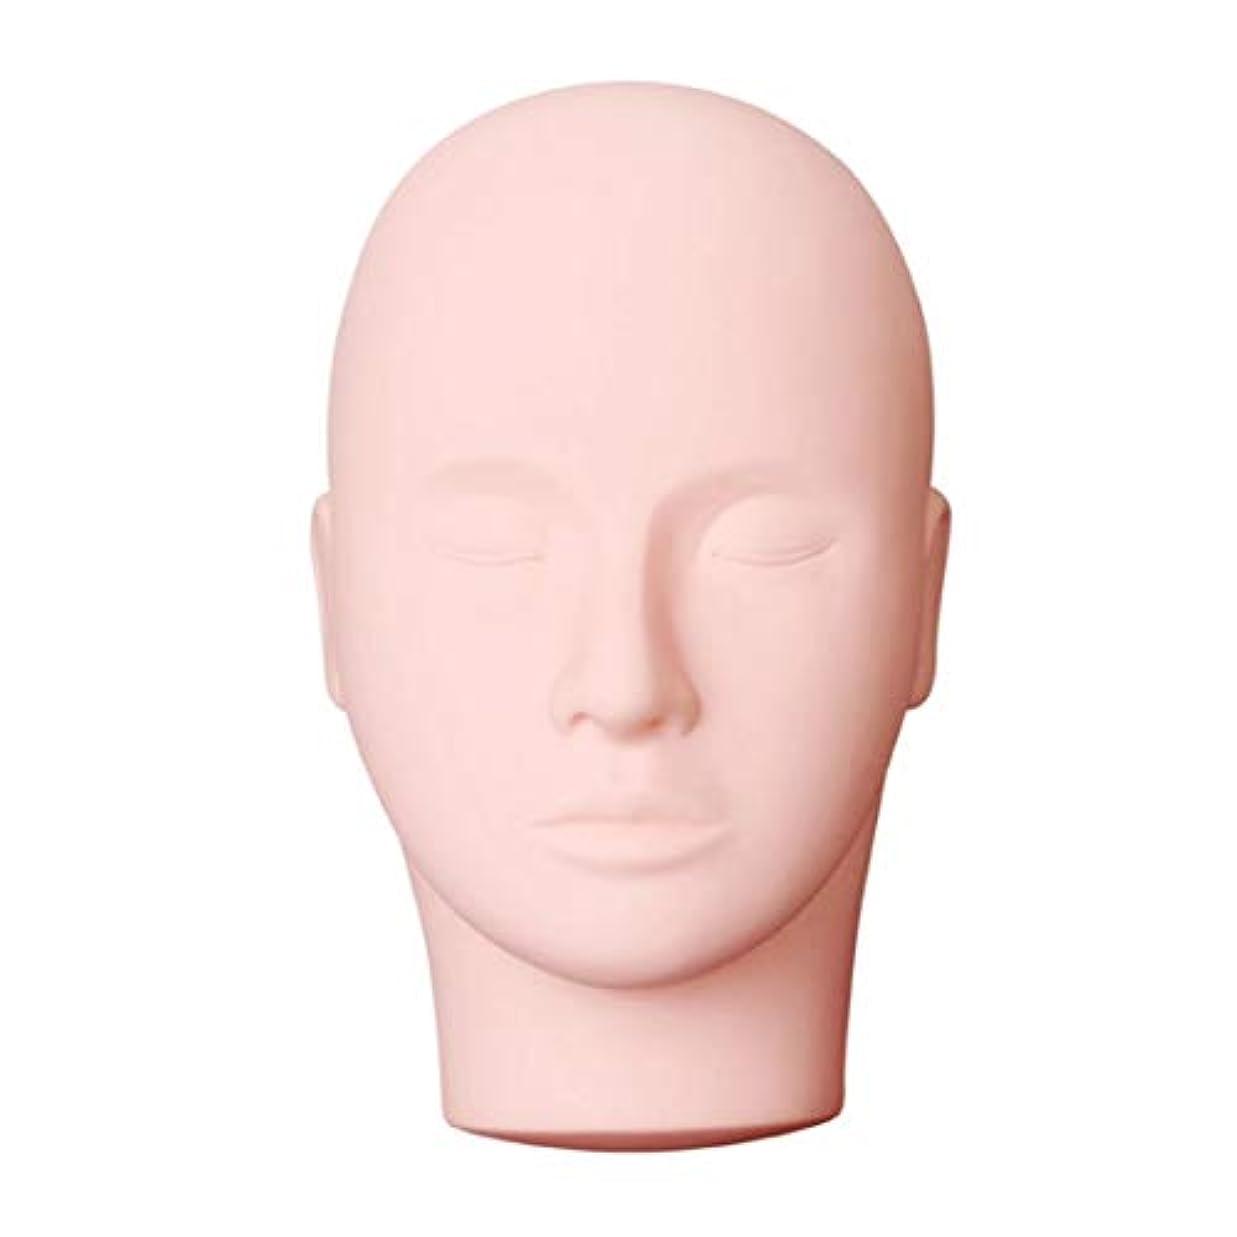 入植者正当化する申込み美容メイクアップまつげ練習マネキンプロマッサージ化粧トレーニング美容マネキン人形顔頭モデル (色:黒) (PandaW)